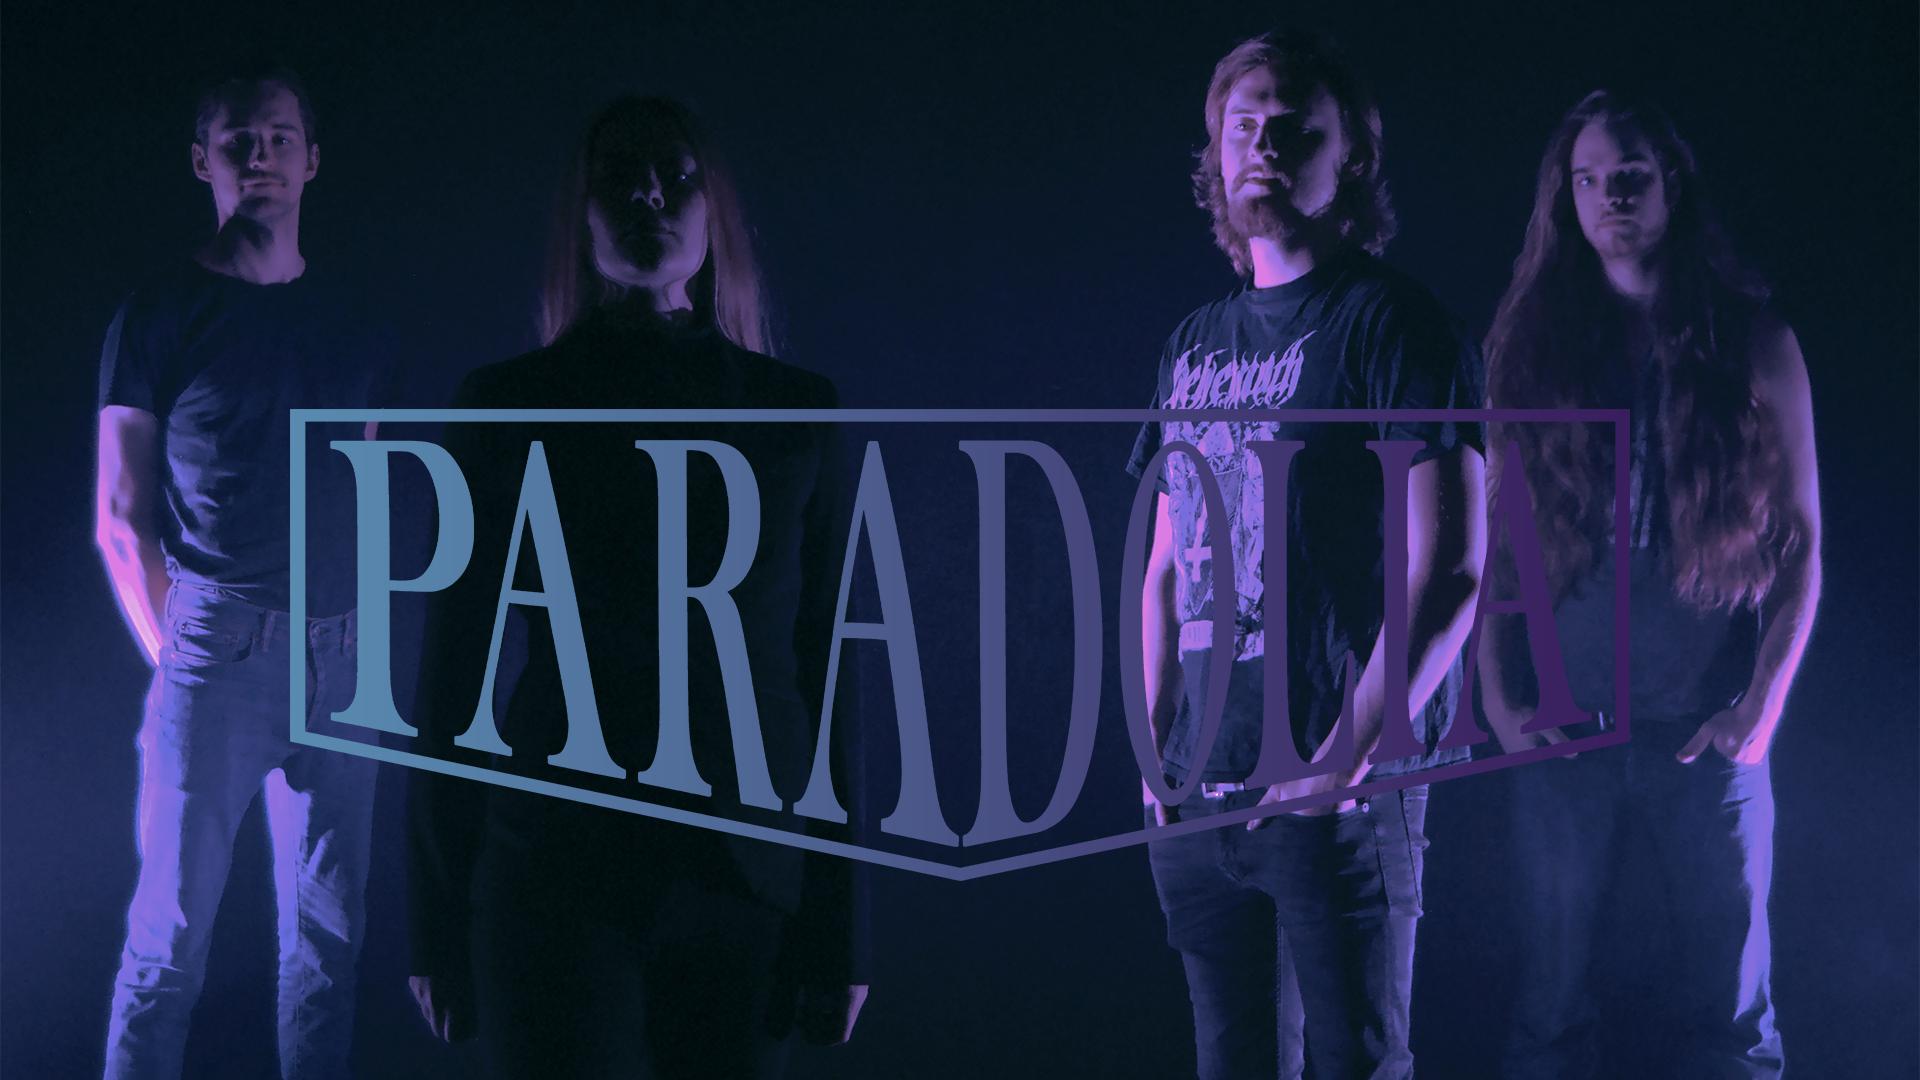 paradolia header .png